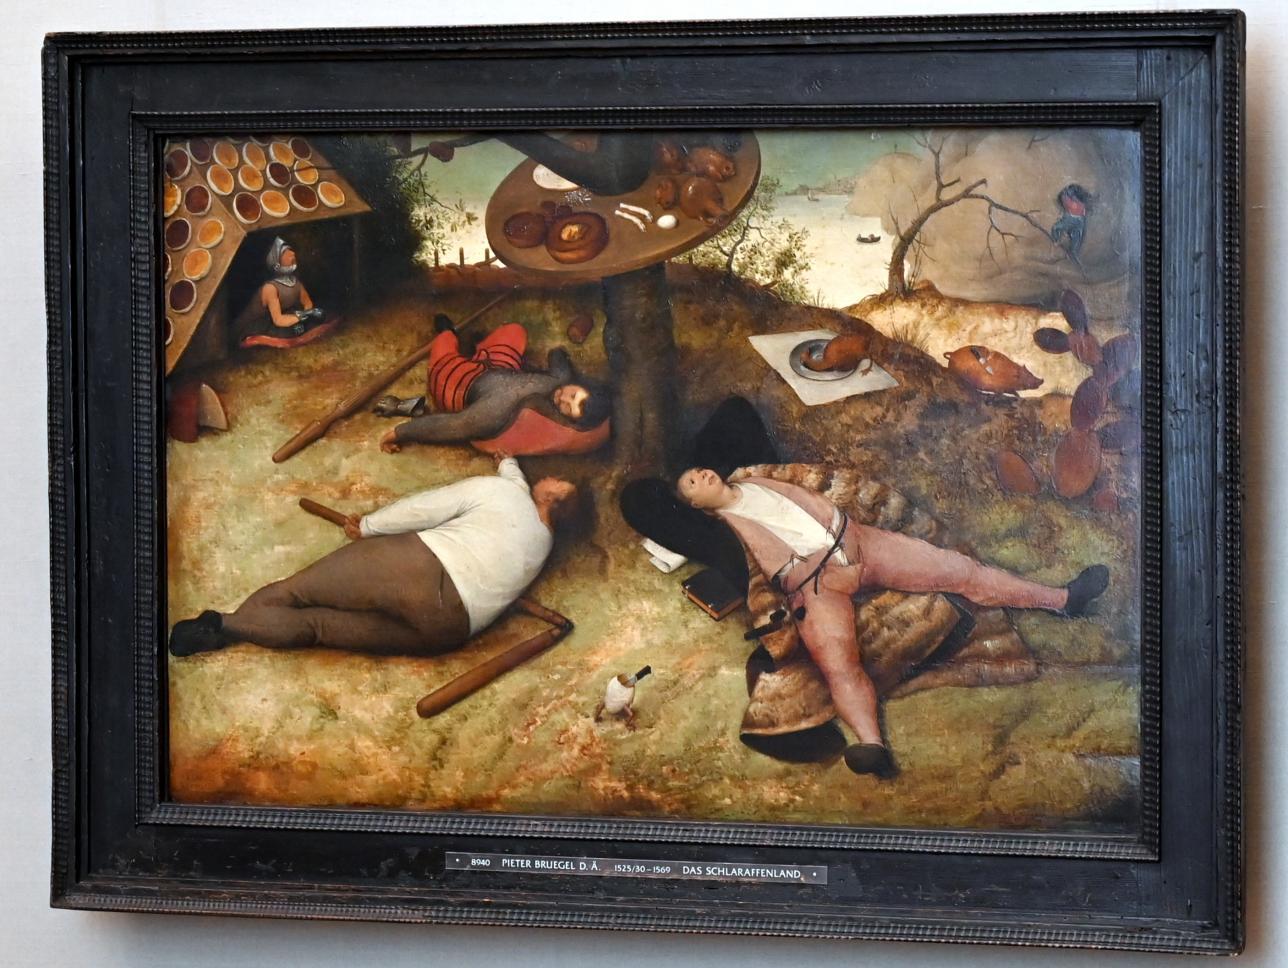 Pieter Brueghel der Ältere (Bauernbrueghel): Das Schlaraffenland, 1567, Bild 1/2